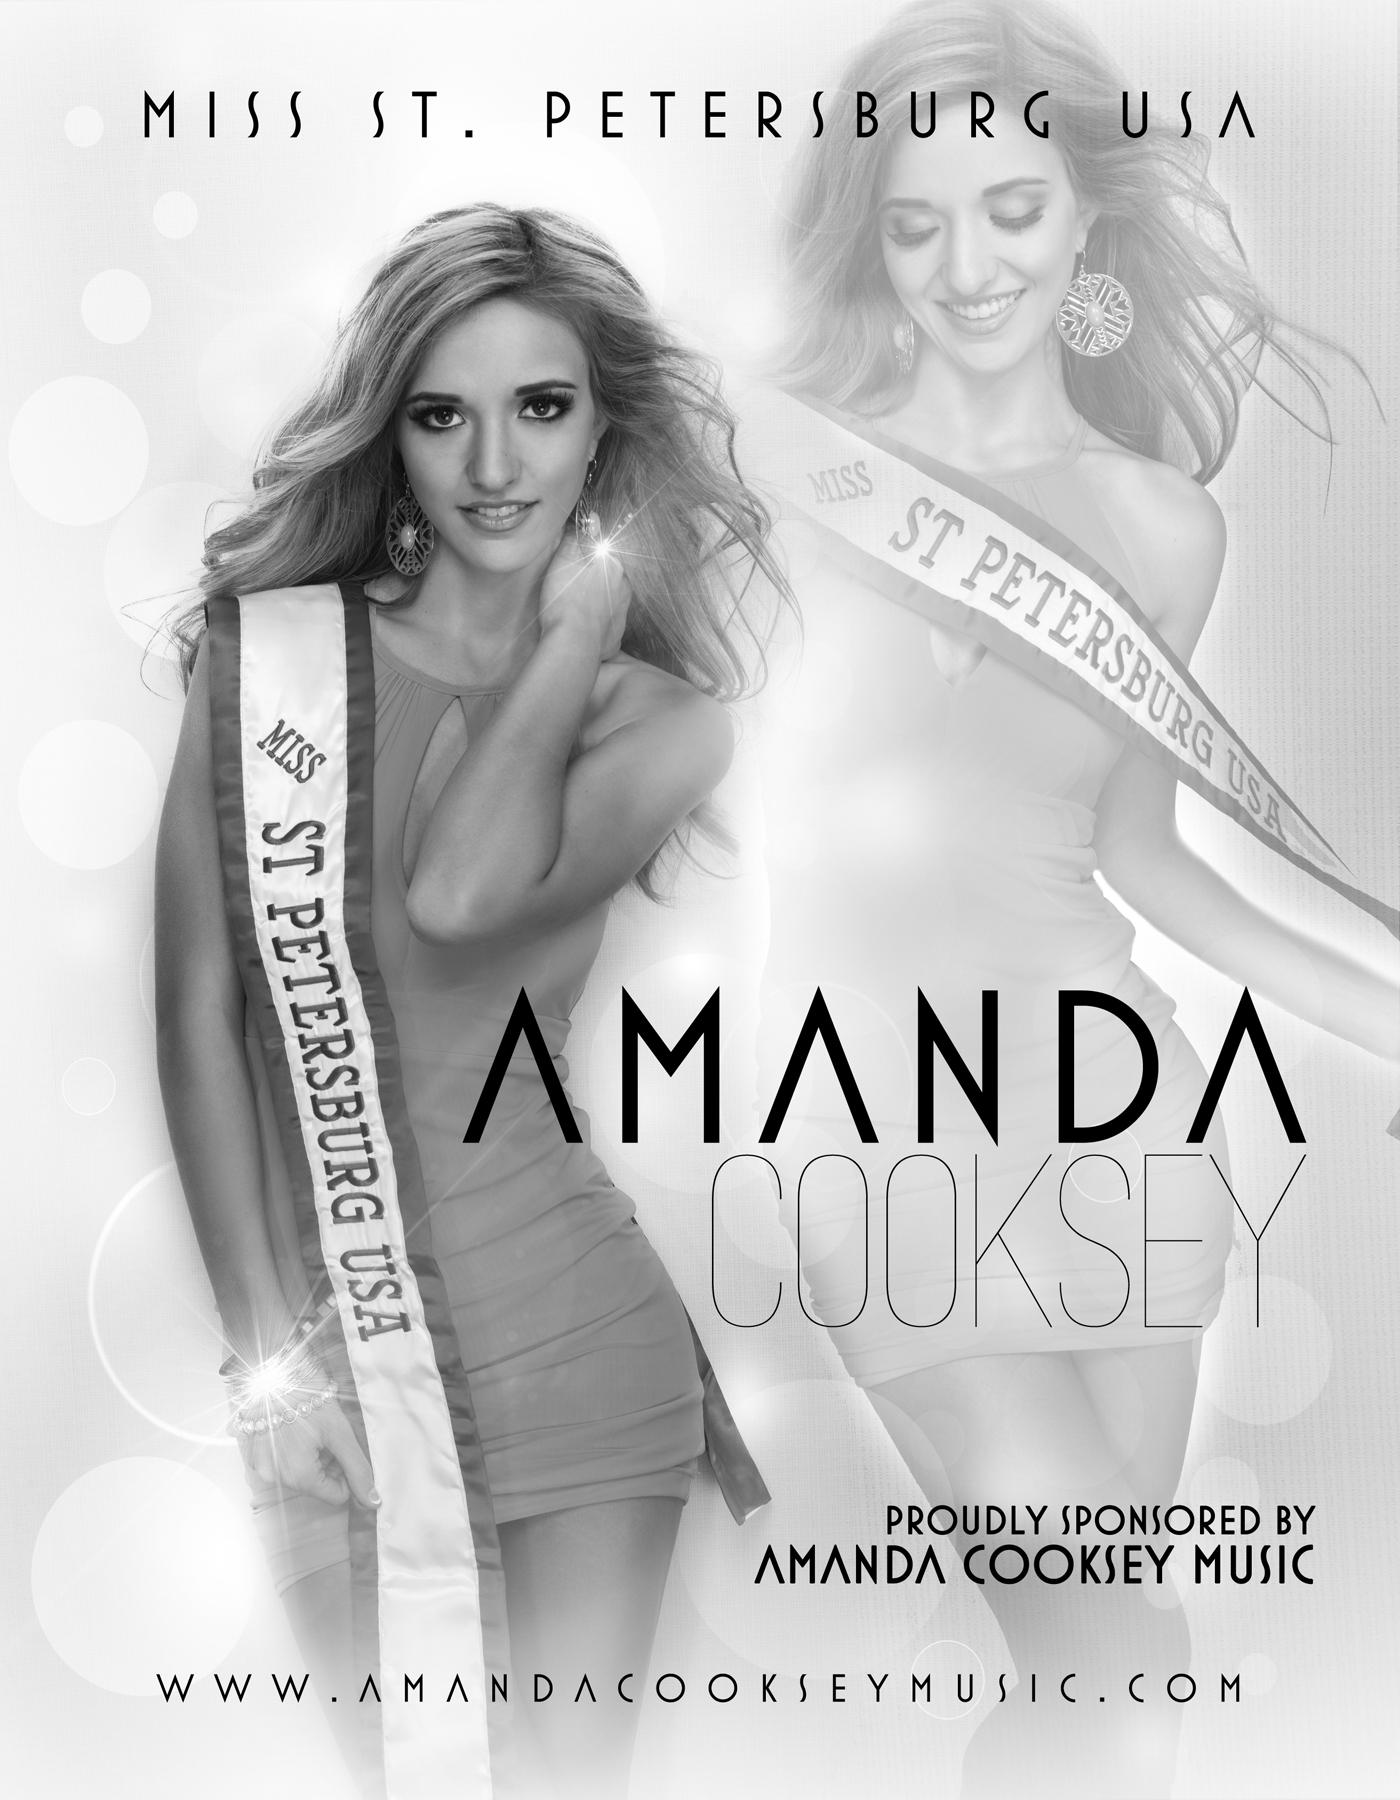 AMANDA COOKSEY